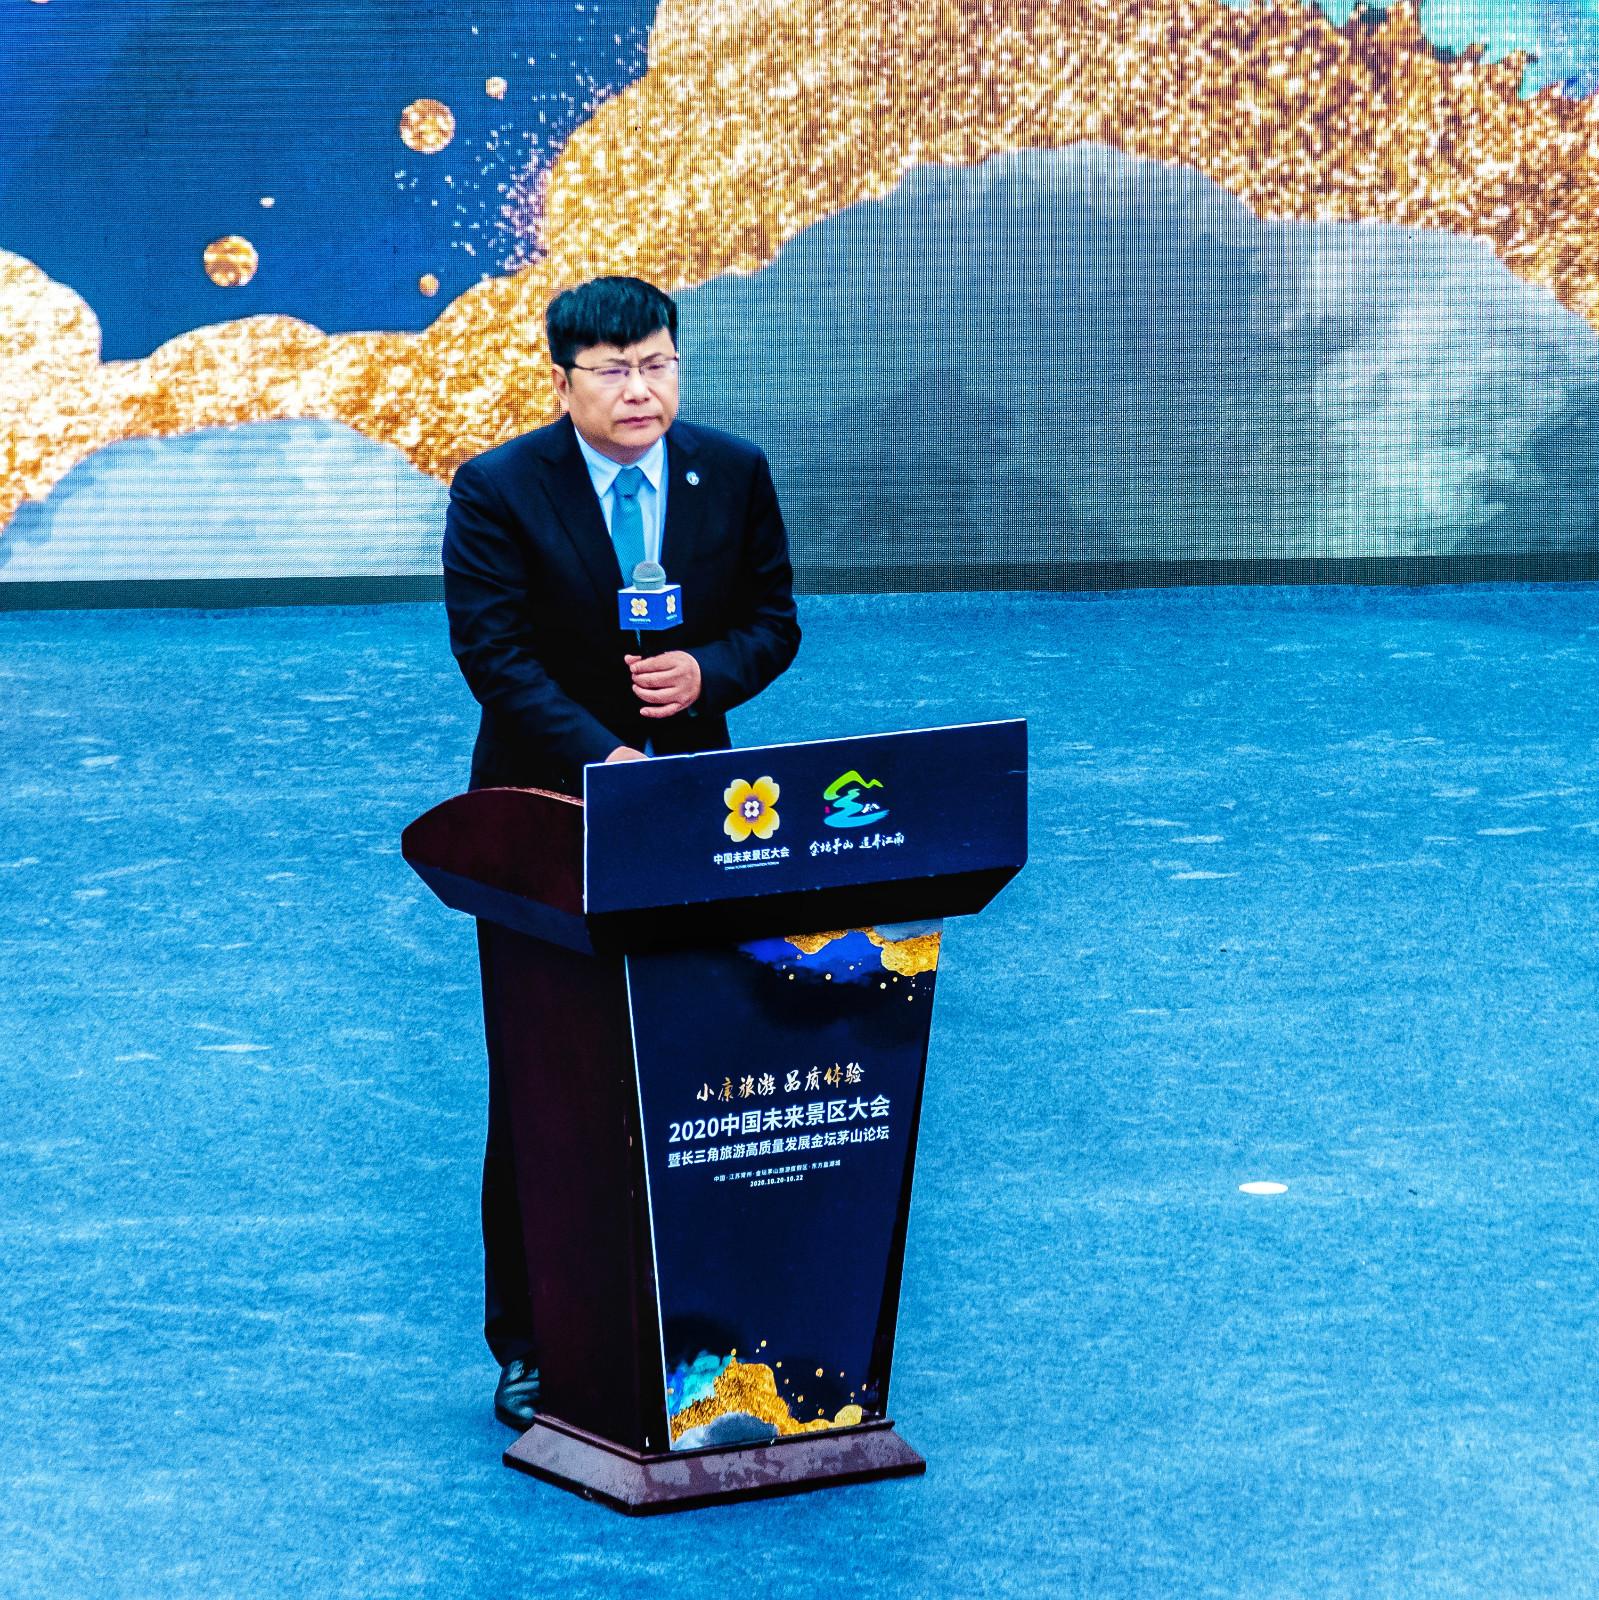 中国旅游研究院院长戴斌:好的景区需见物见人见未来